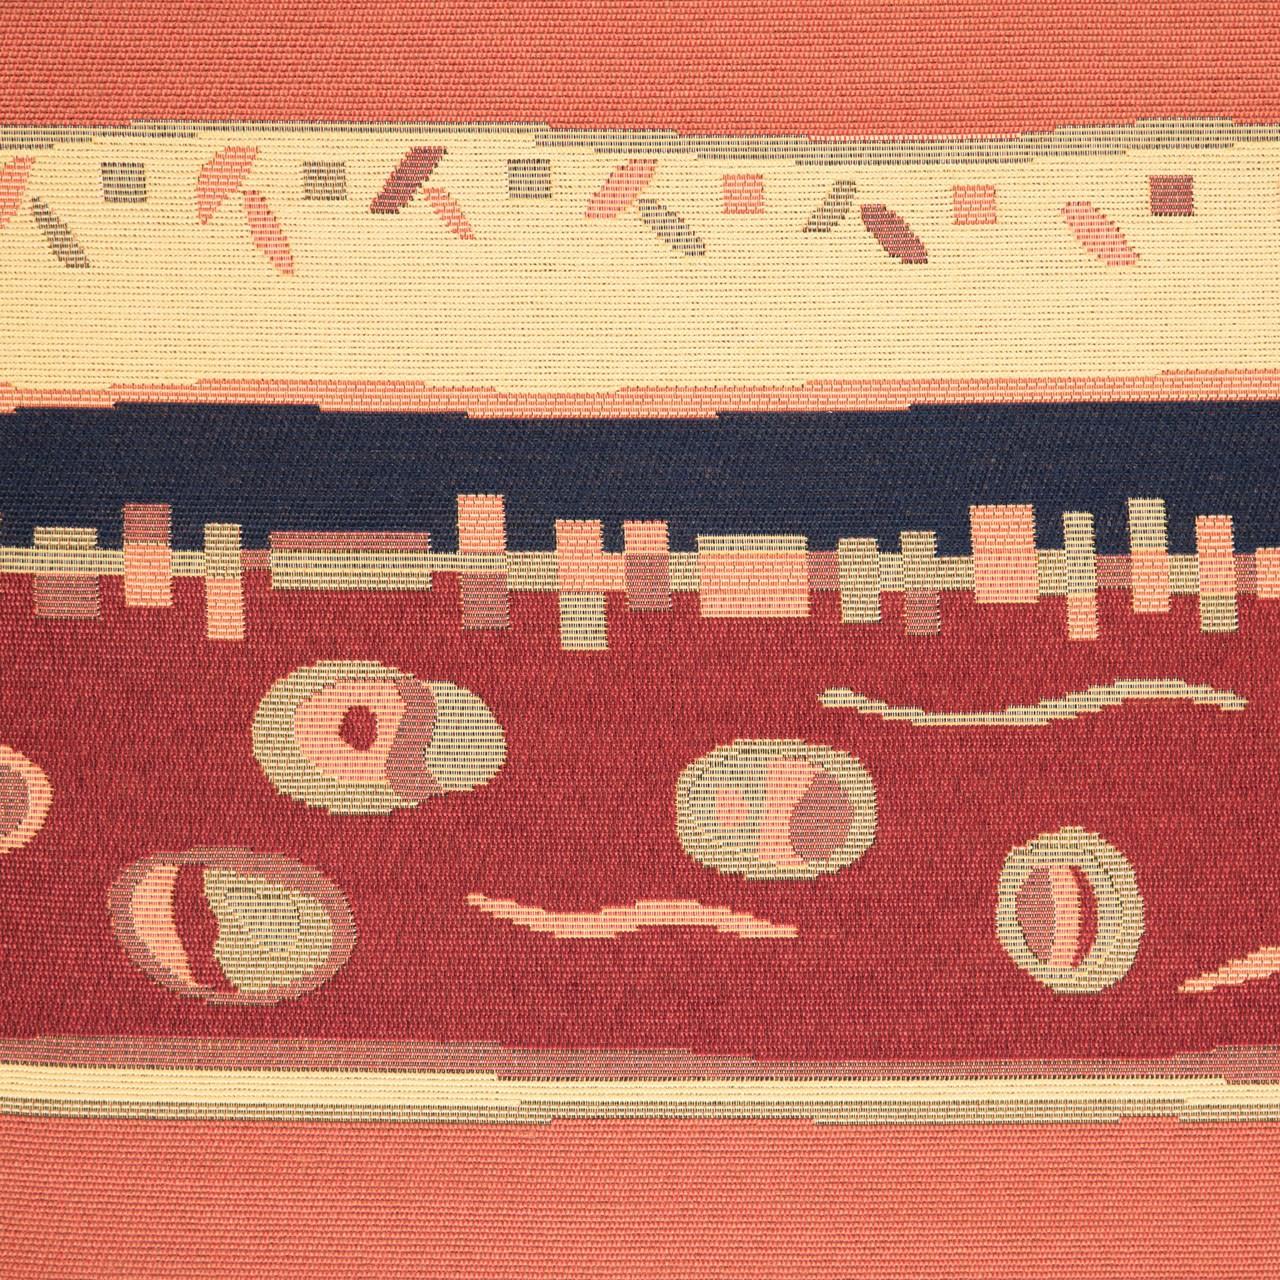 پارچه مبلی بایا مدل تخم مرغی  کد B12-11